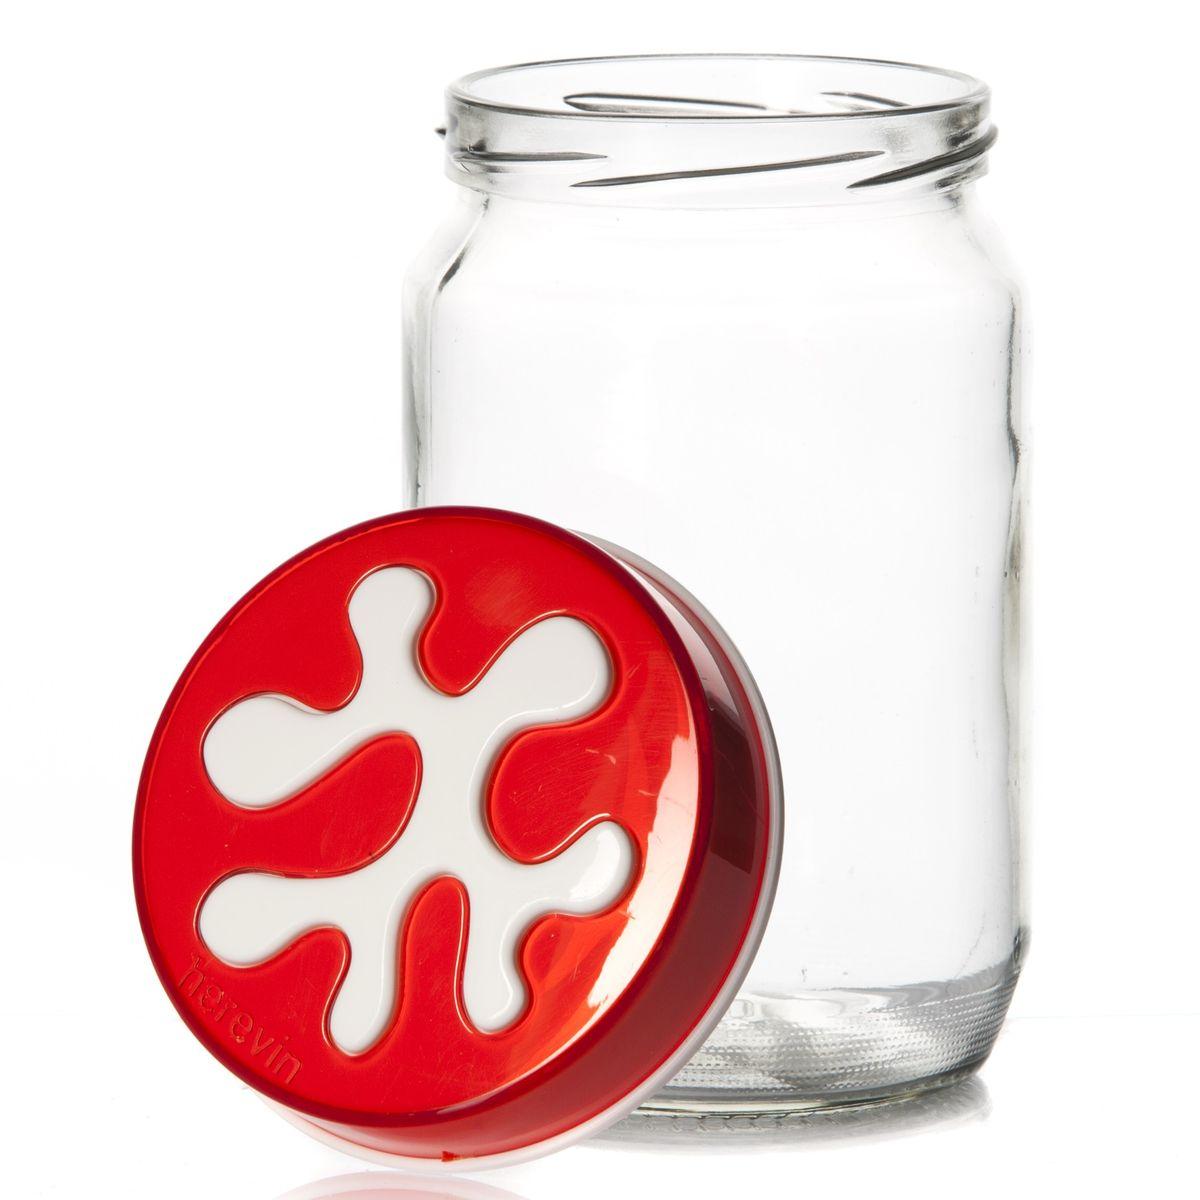 Банка для сыпучих продуктов Herevin, цвет: красный, 720 мл. 135367-007Аксион Т-33Банка для сыпучих продуктов Herevin изготовлена из прочного стекла и оснащена плотно закрывающейся пластиковой крышкой. Благодаря этому внутри сохраняется герметичность, и продукты дольше остаются свежими. Изделие предназначено для хранения различных сыпучих продуктов: круп, чая, сахара, орехов и т.д. Функциональная и вместительная, такая банка станет незаменимым аксессуаром на любой кухне. Можно мыть в посудомоечной машине. Пластиковые части рекомендуется мыть вручную.Объем: 720 мл.Диаметр (по верхнему краю): 7,5 см.Высота банки (без учета крышки): 14 см.